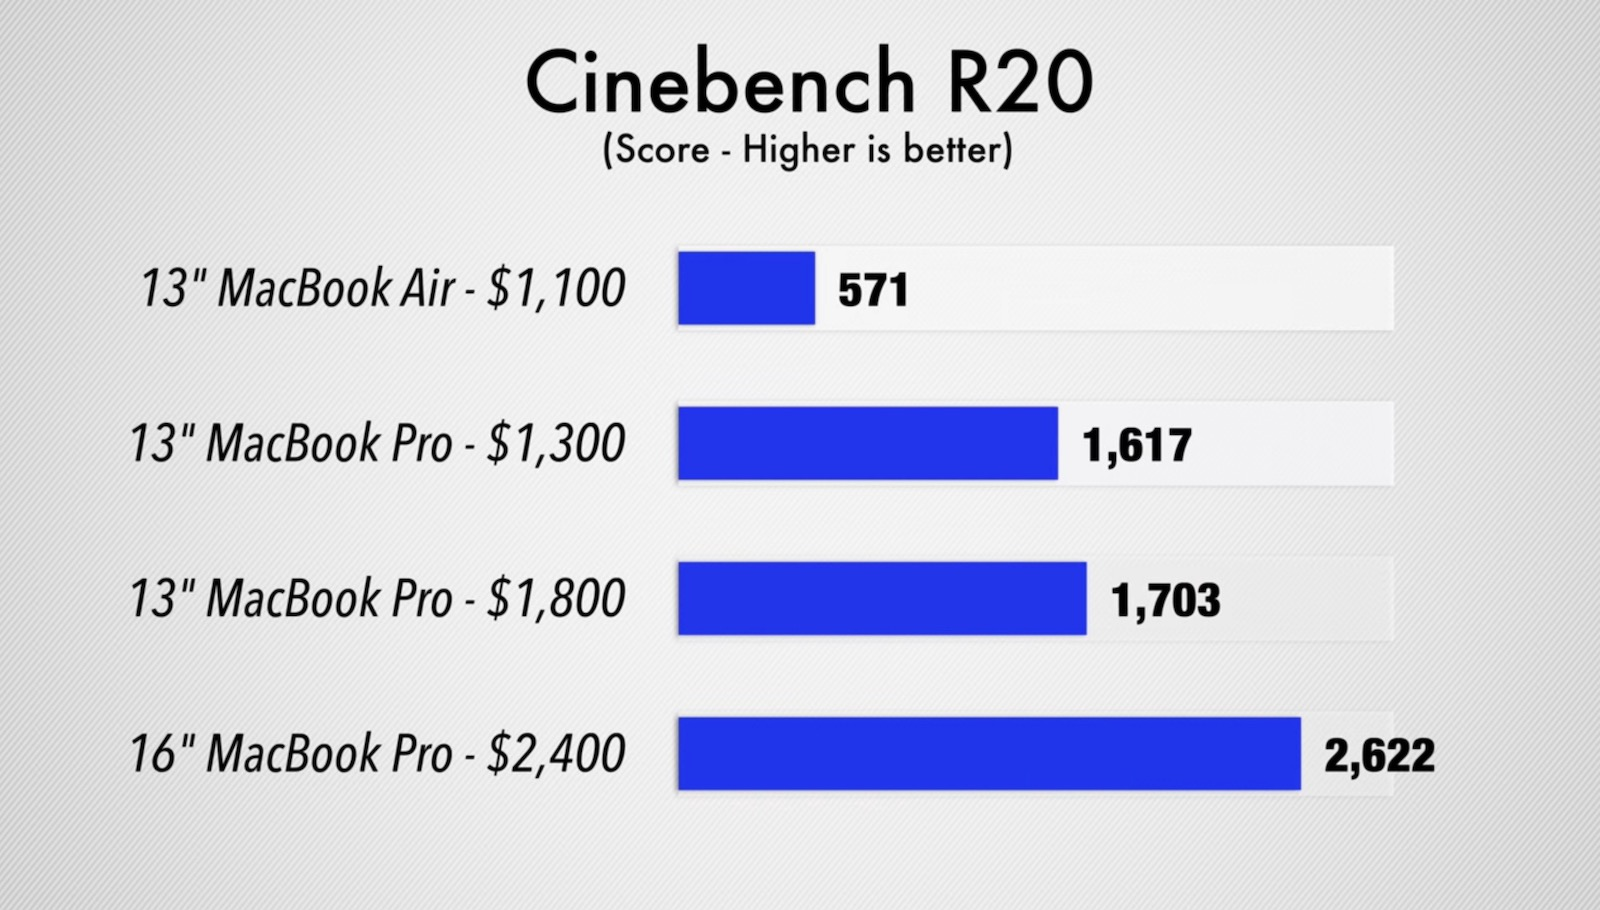 CinebenchR20-score-comparison.jpg